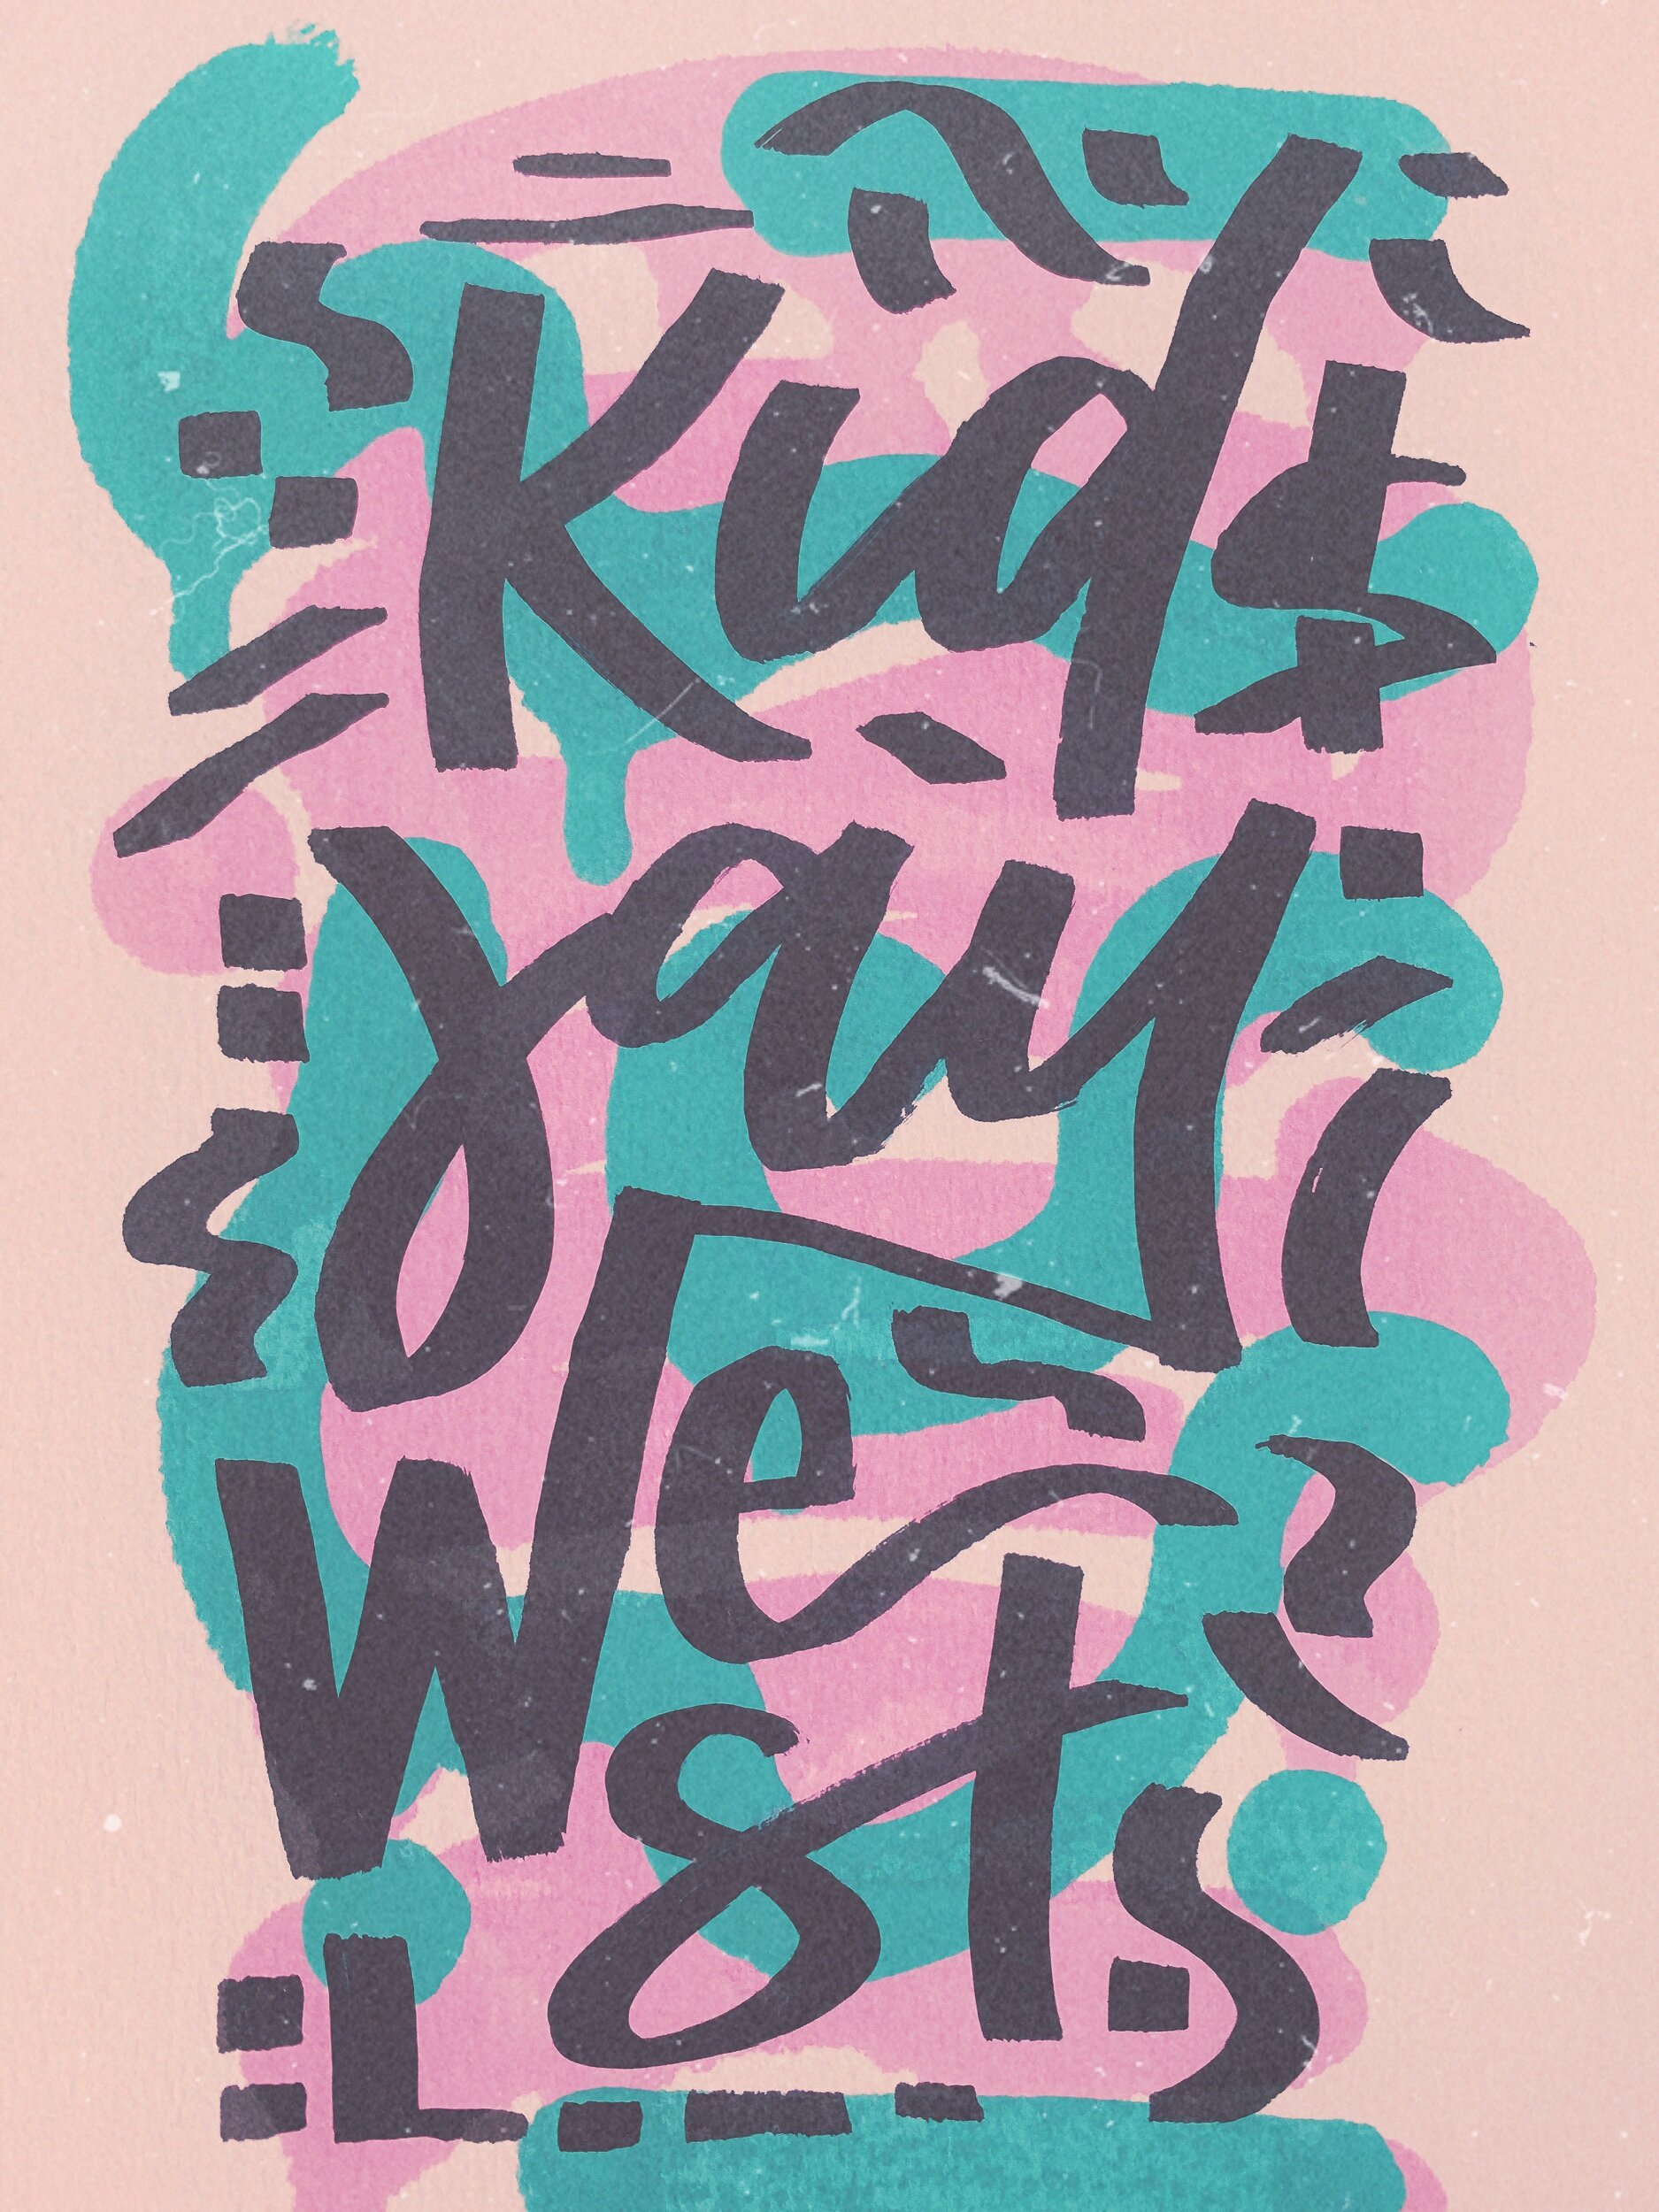 Kidjaywest